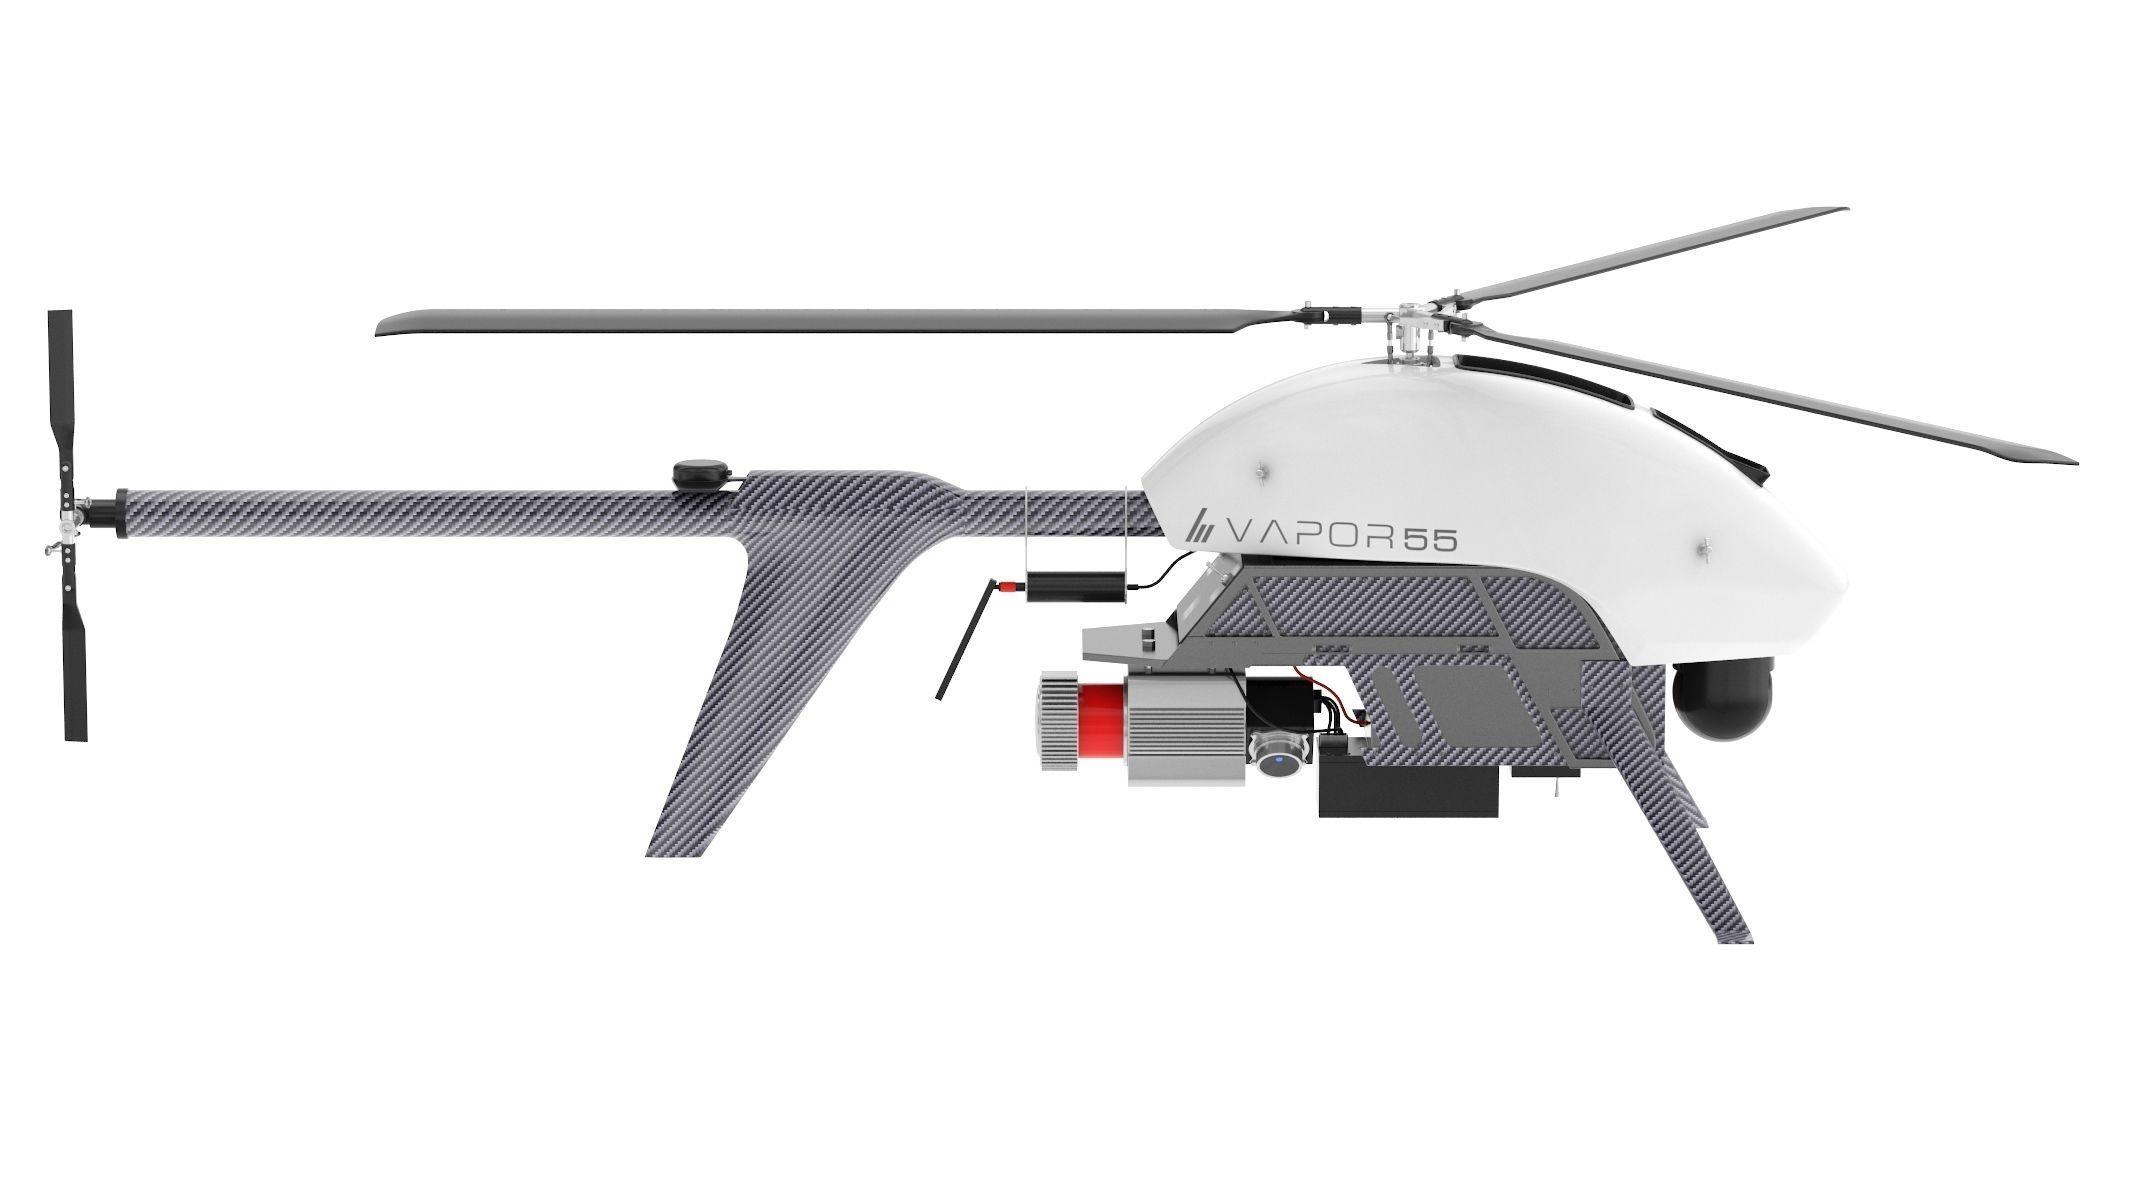 Vapor 55 Helicopter UAV Drone